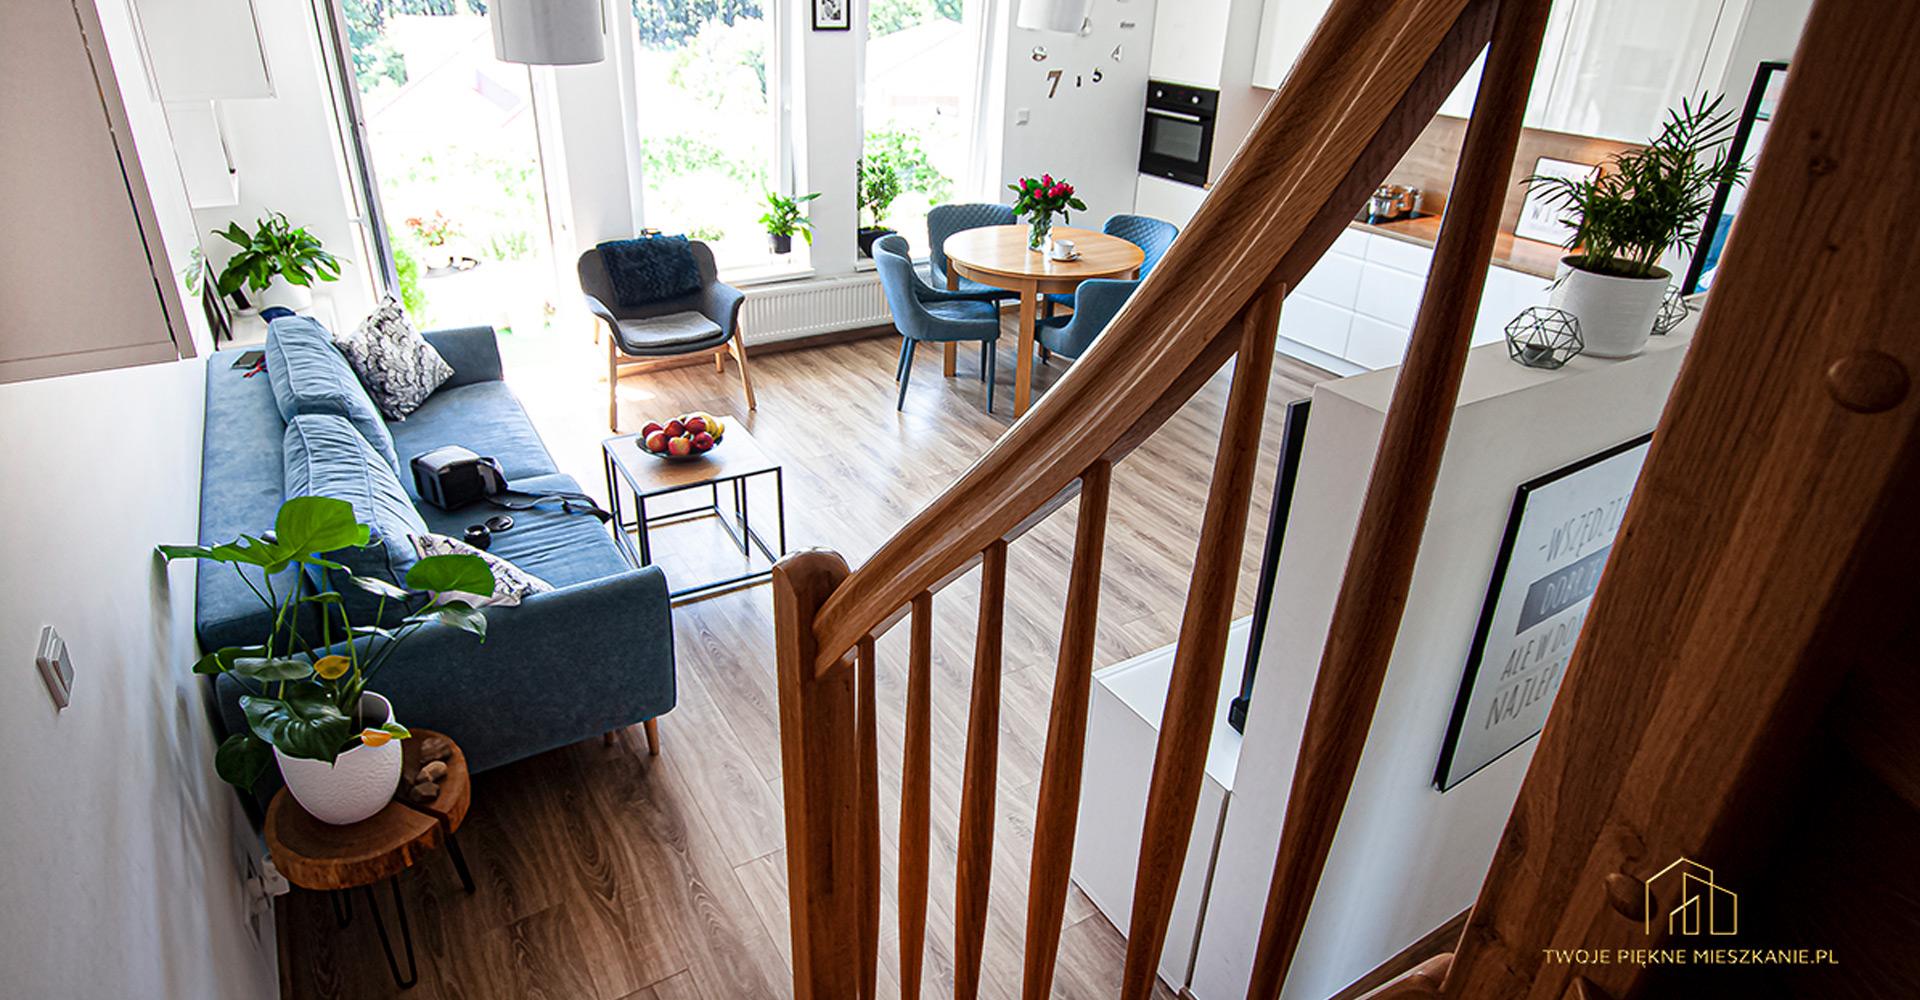 mieszkania na sprzedaż umeblowane Zielona Góra